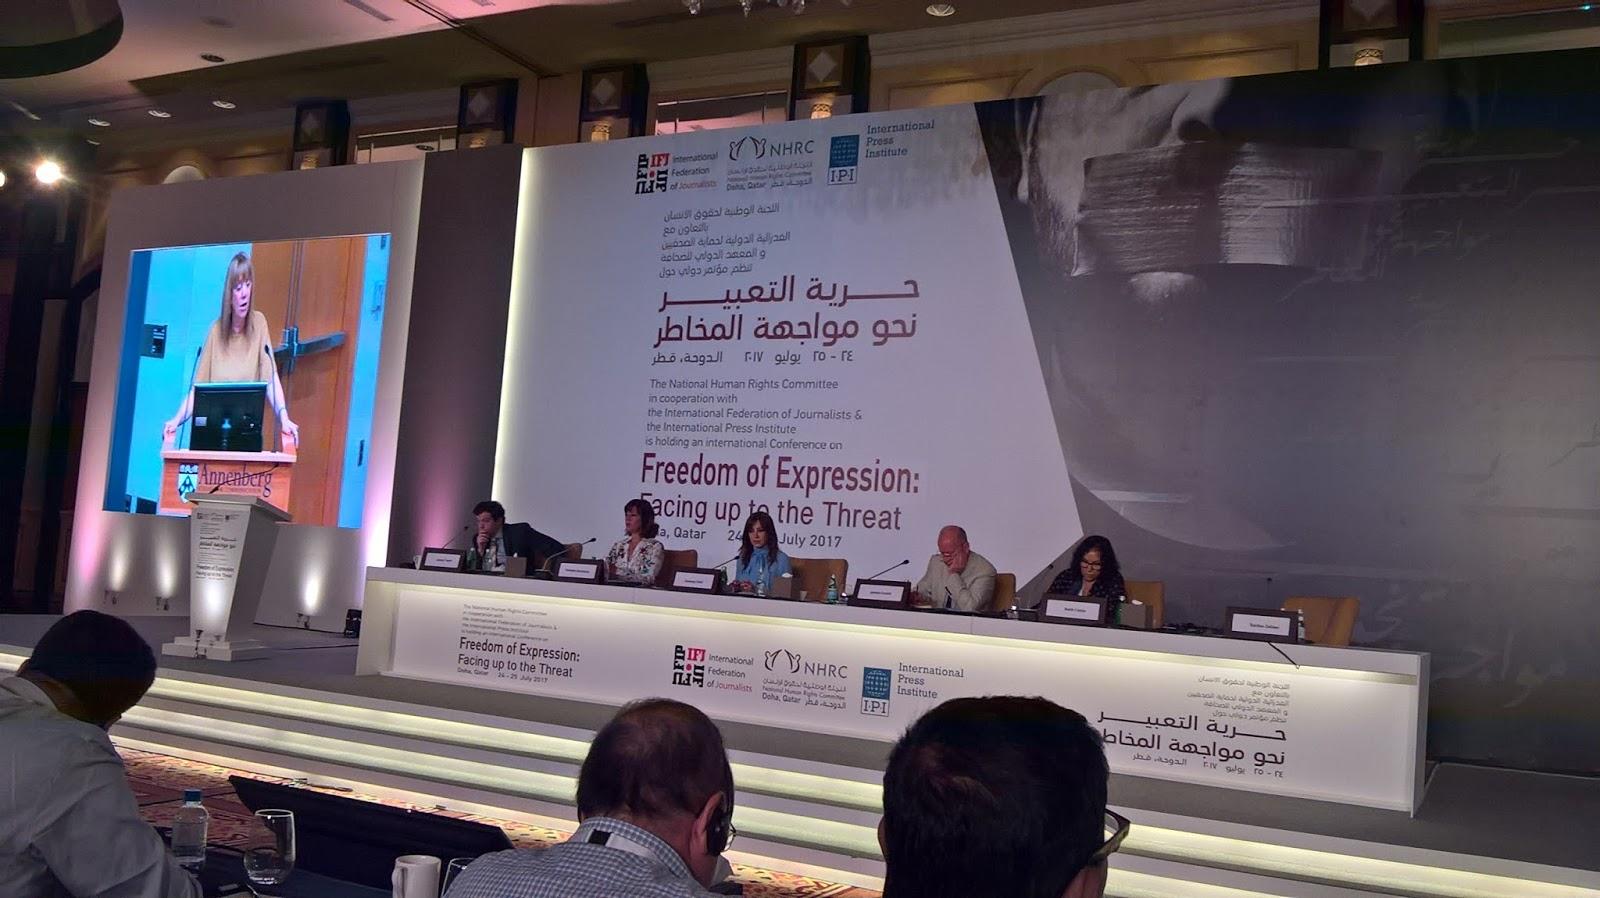 Freedom of expression in Qatar